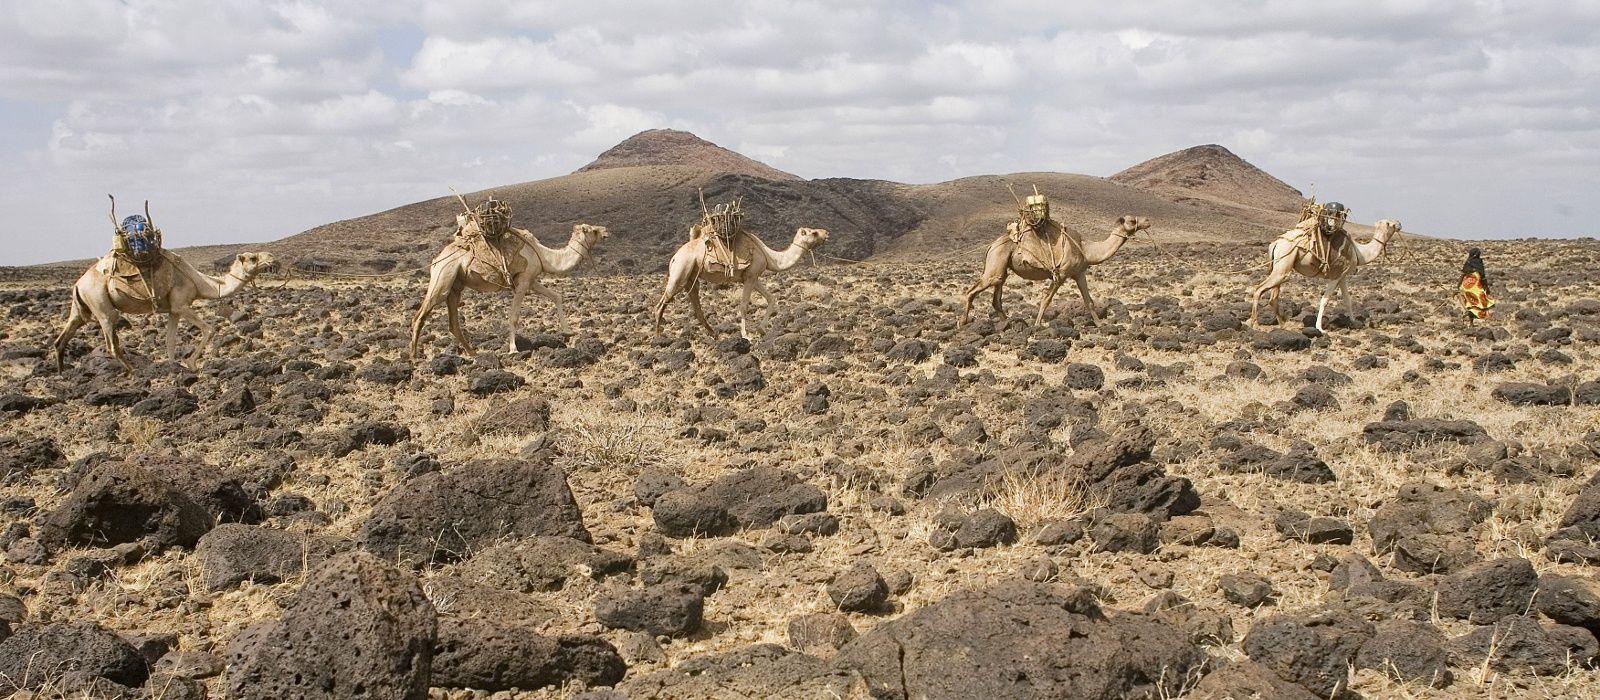 Image result for caravan of camels in chalbi desert